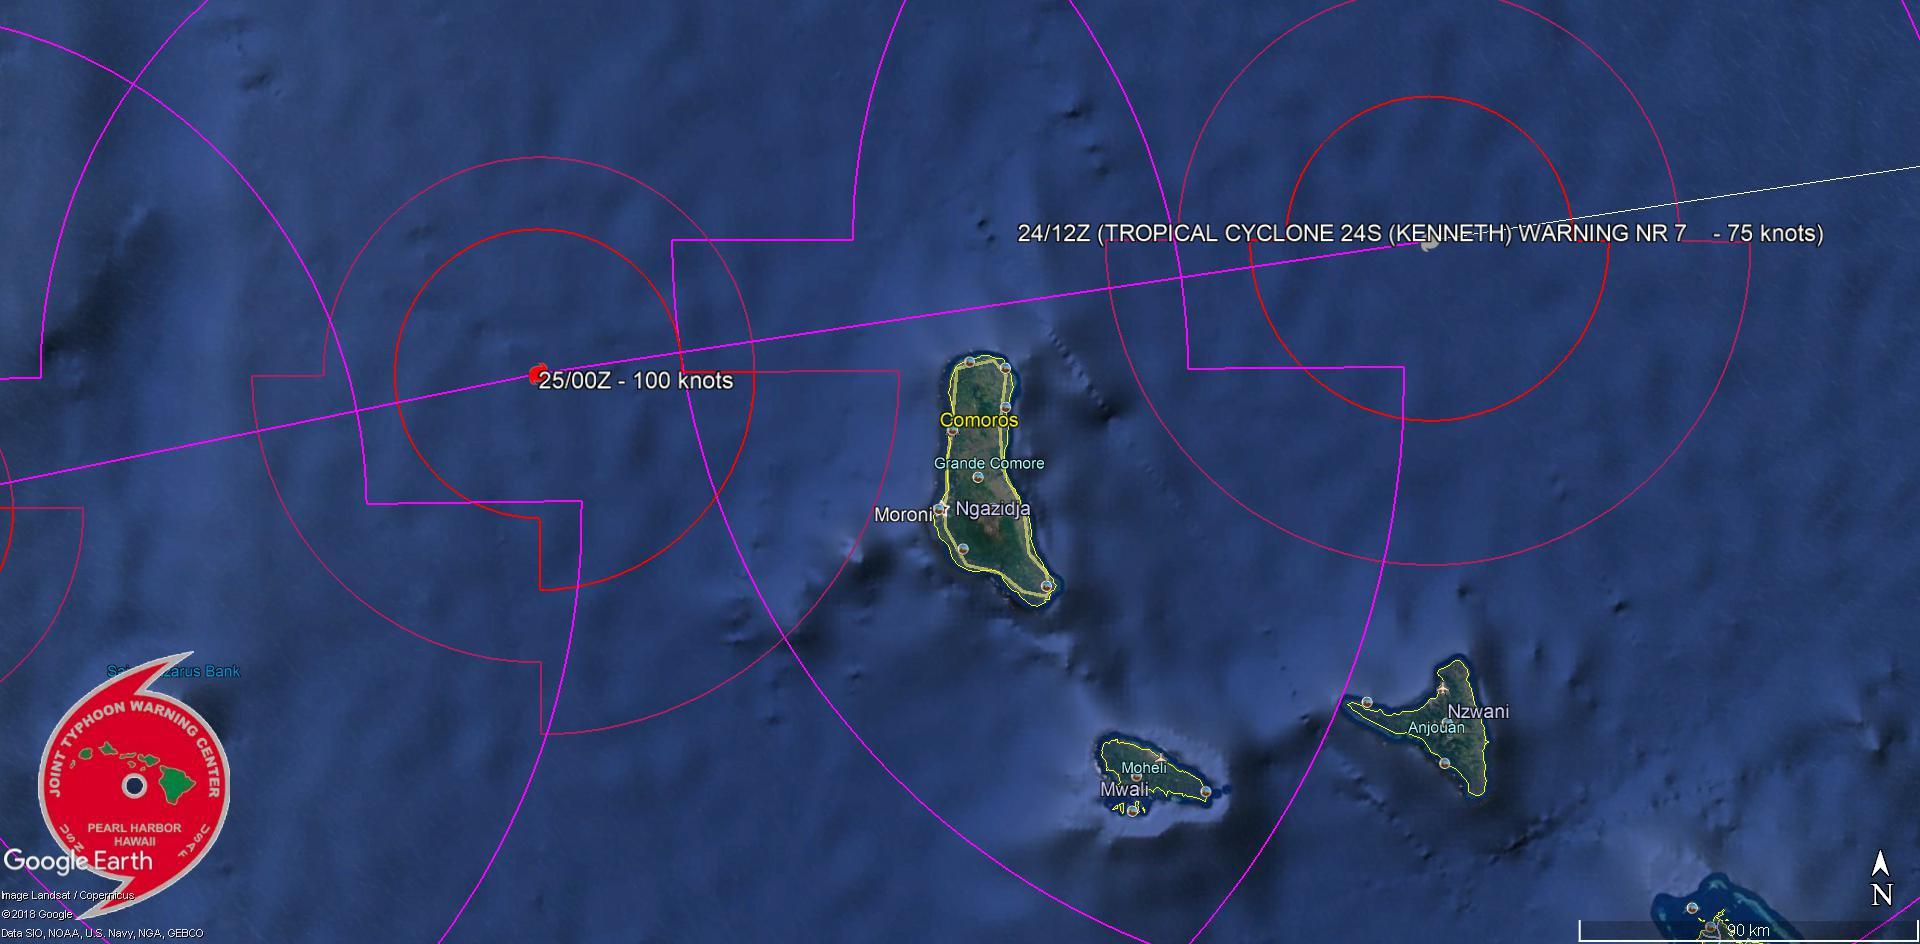 Sur cette prévision l'oeil du cyclone KENNETH pourrait passer à moins de 15km des côtes nord de Grande Comore en milieu de nuit prochaine.